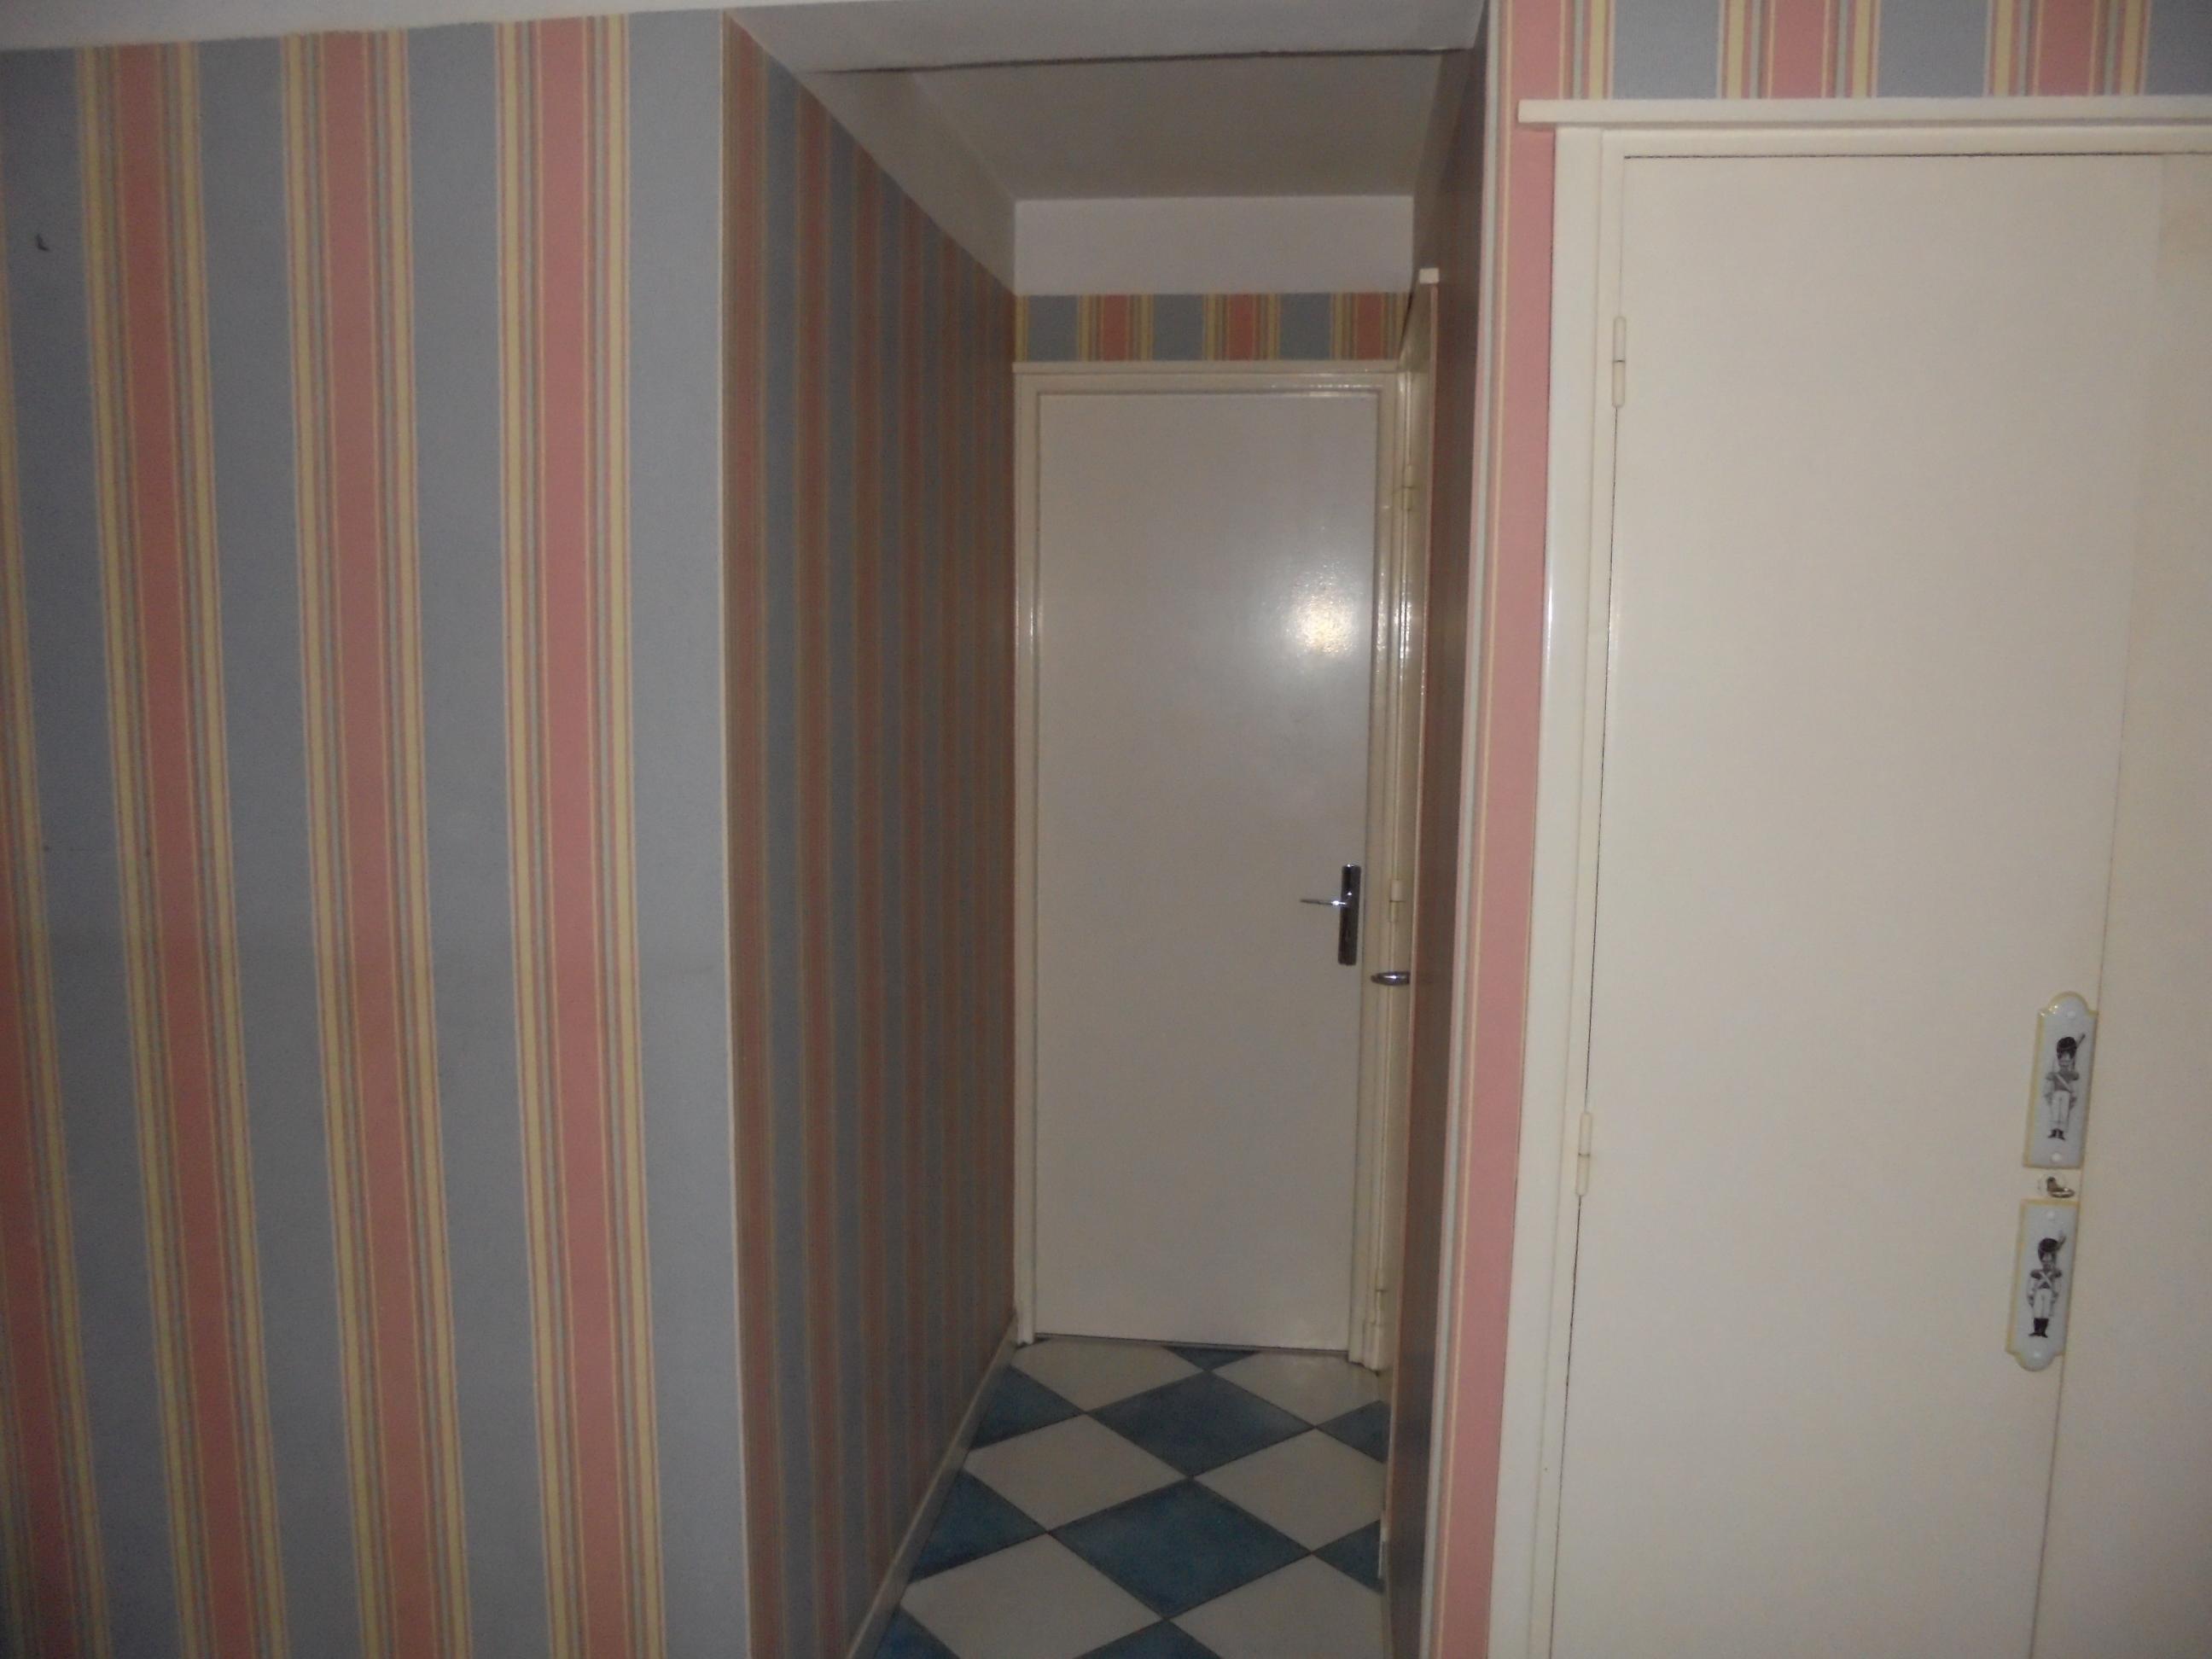 Couloir apr s travaux peinture et tapisserie peinture for Tapisserie originale couloir